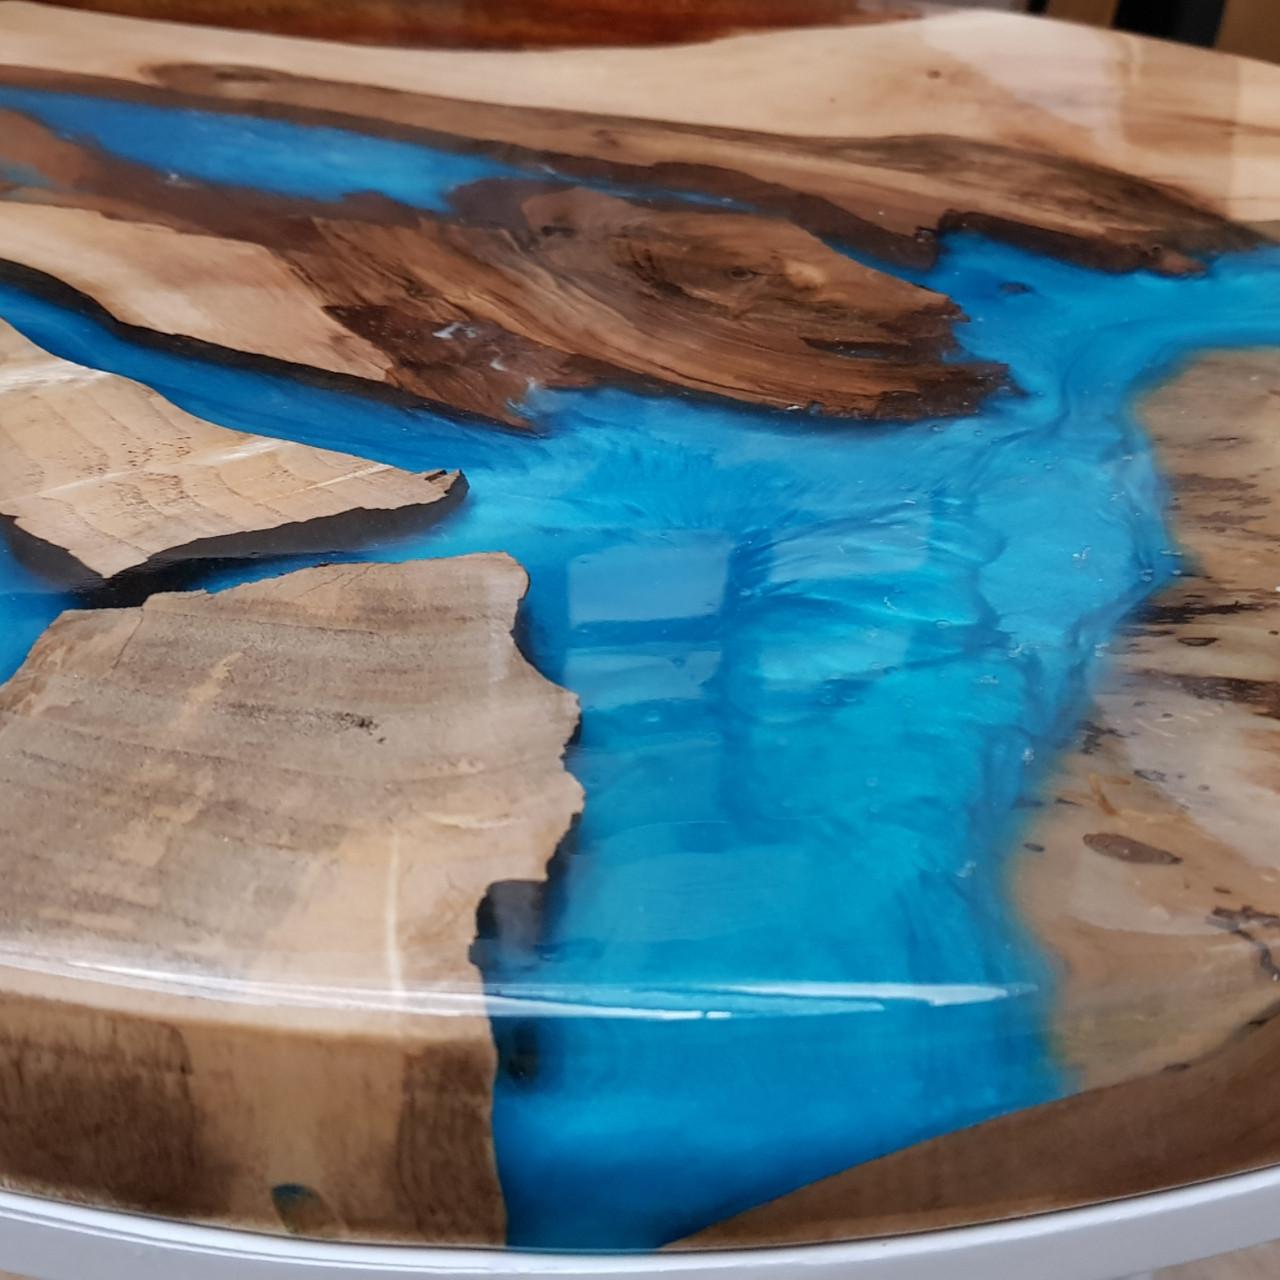 Журнальный  круглый стол с массива грецкого  ореха и прозрачной эпоксдной смолой  3-D эффект  Диаметр - 58см